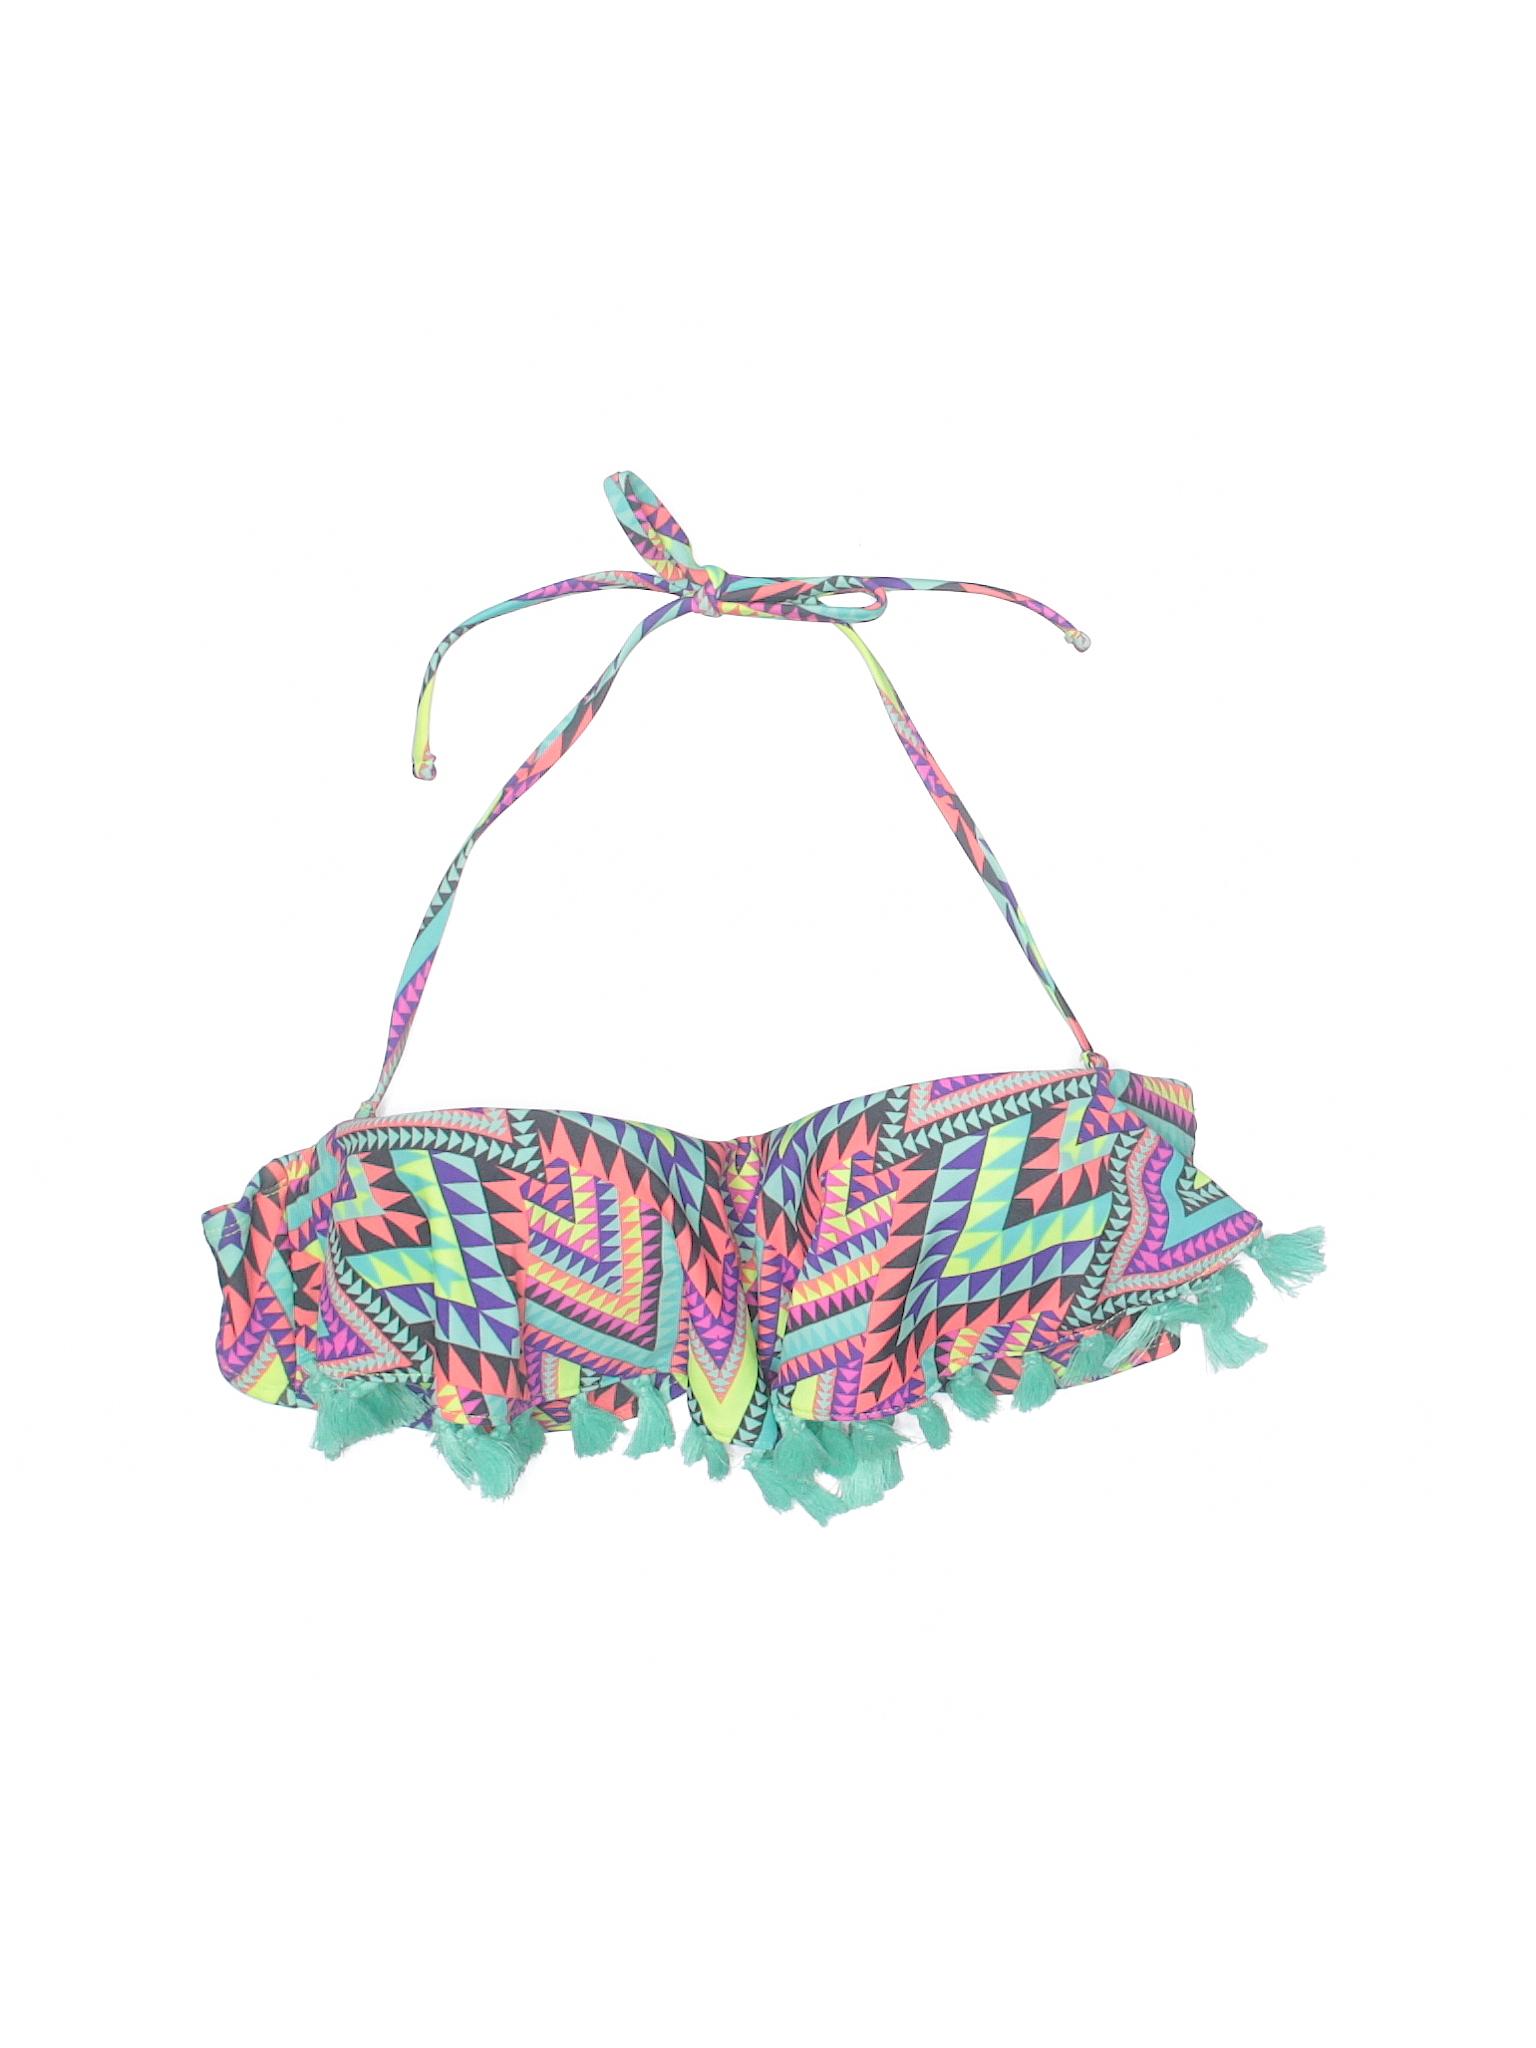 Swimsuit Top Boutique Xhilaration Boutique Swimsuit Xhilaration Sqw1zdz